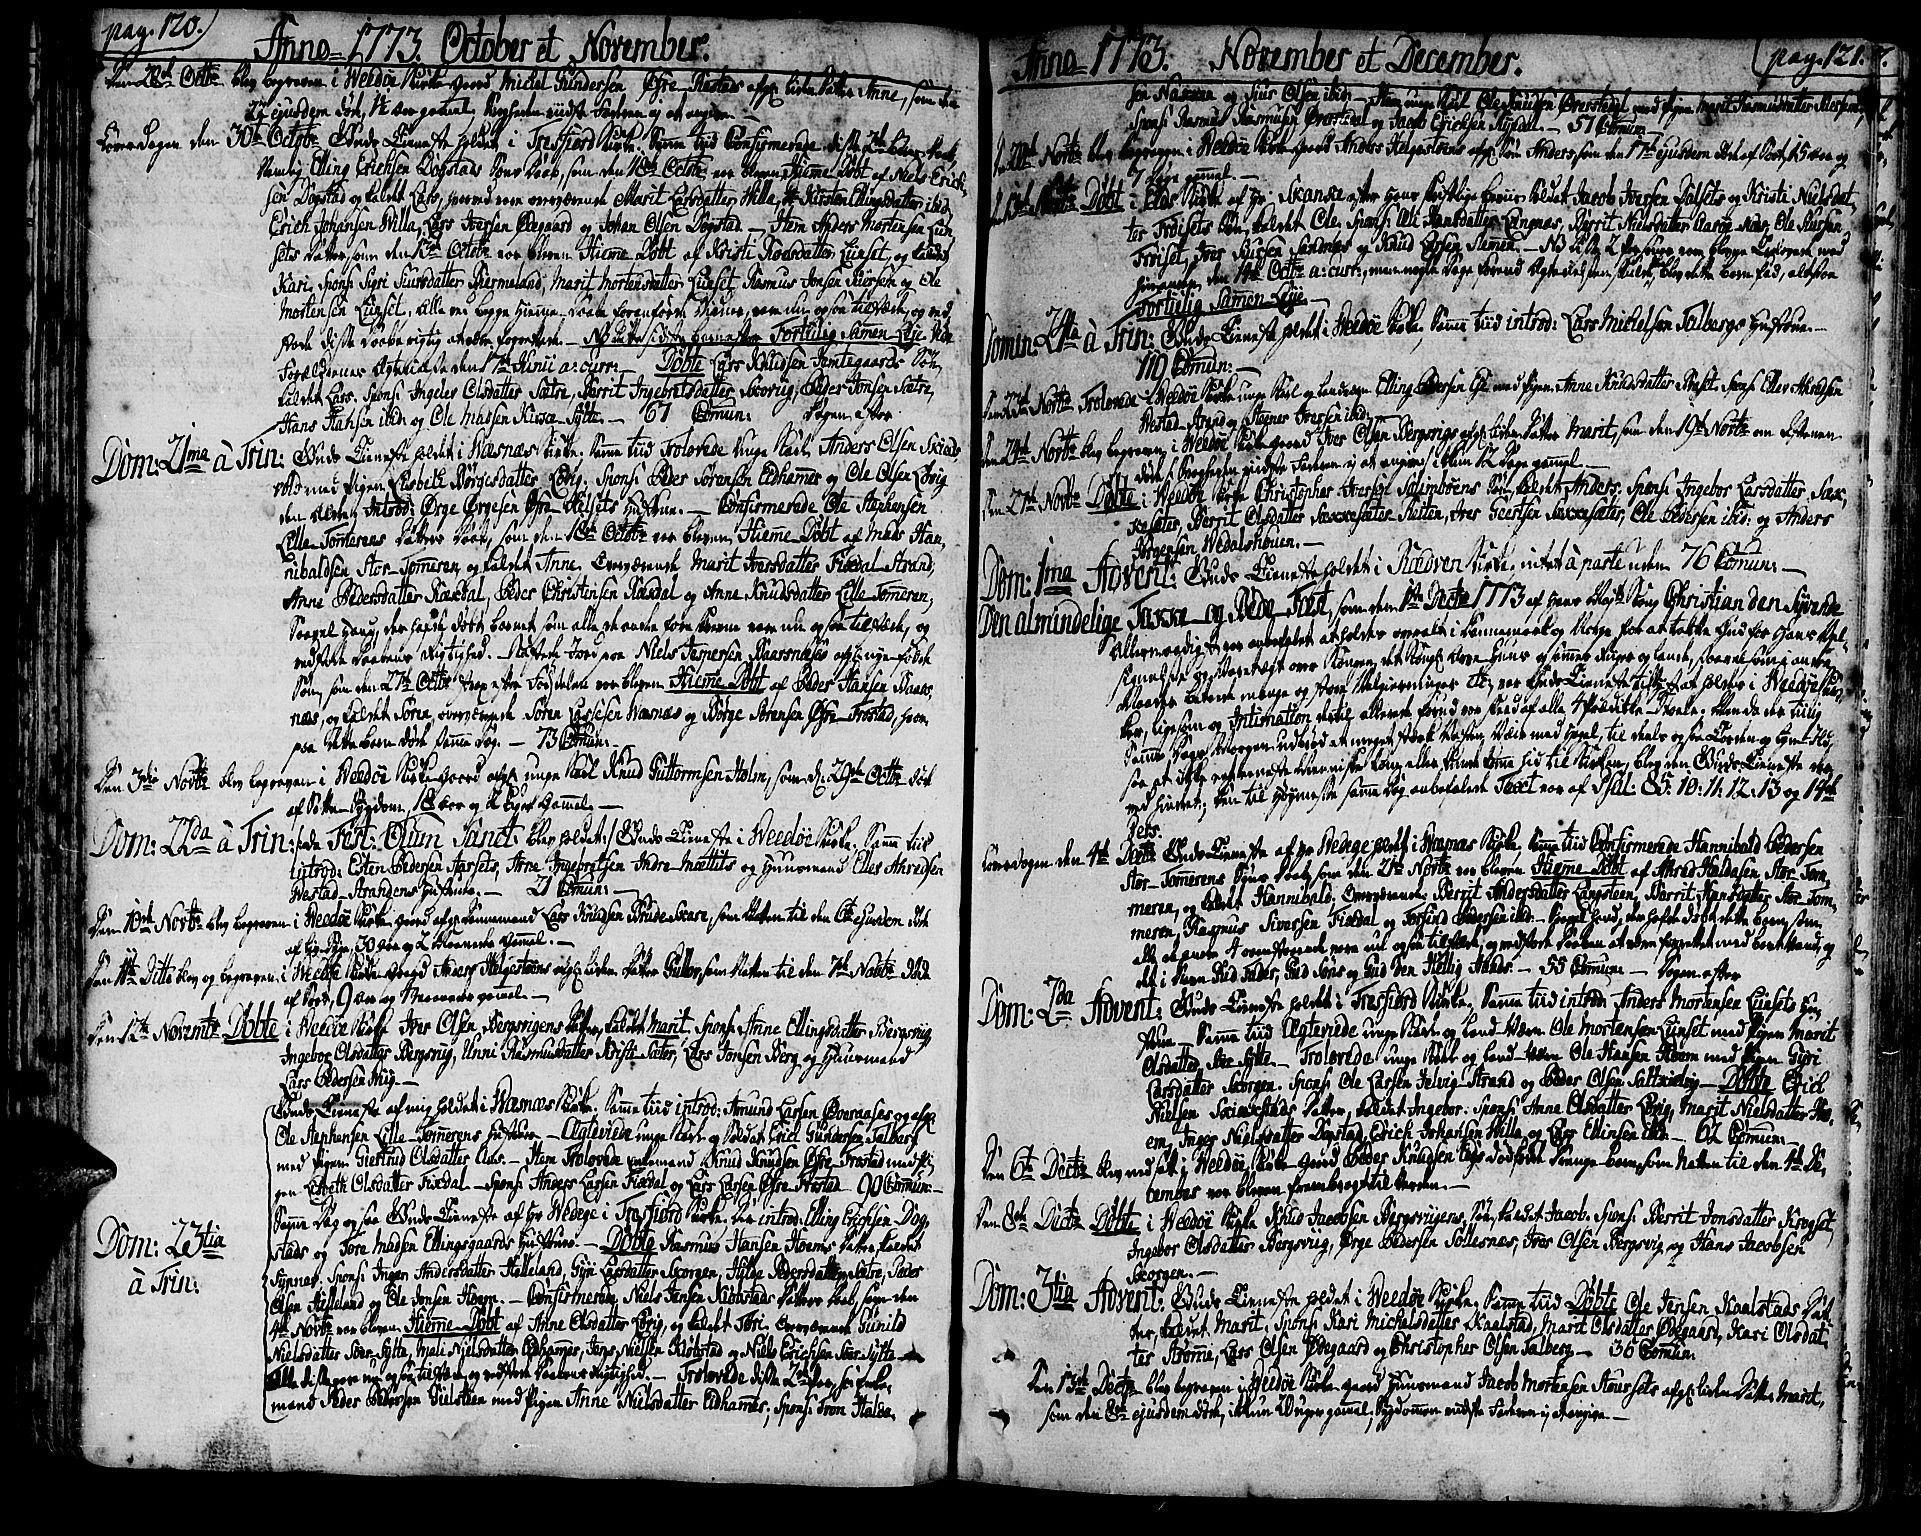 SAT, Ministerialprotokoller, klokkerbøker og fødselsregistre - Møre og Romsdal, 547/L0600: Ministerialbok nr. 547A02, 1765-1799, s. 120-121